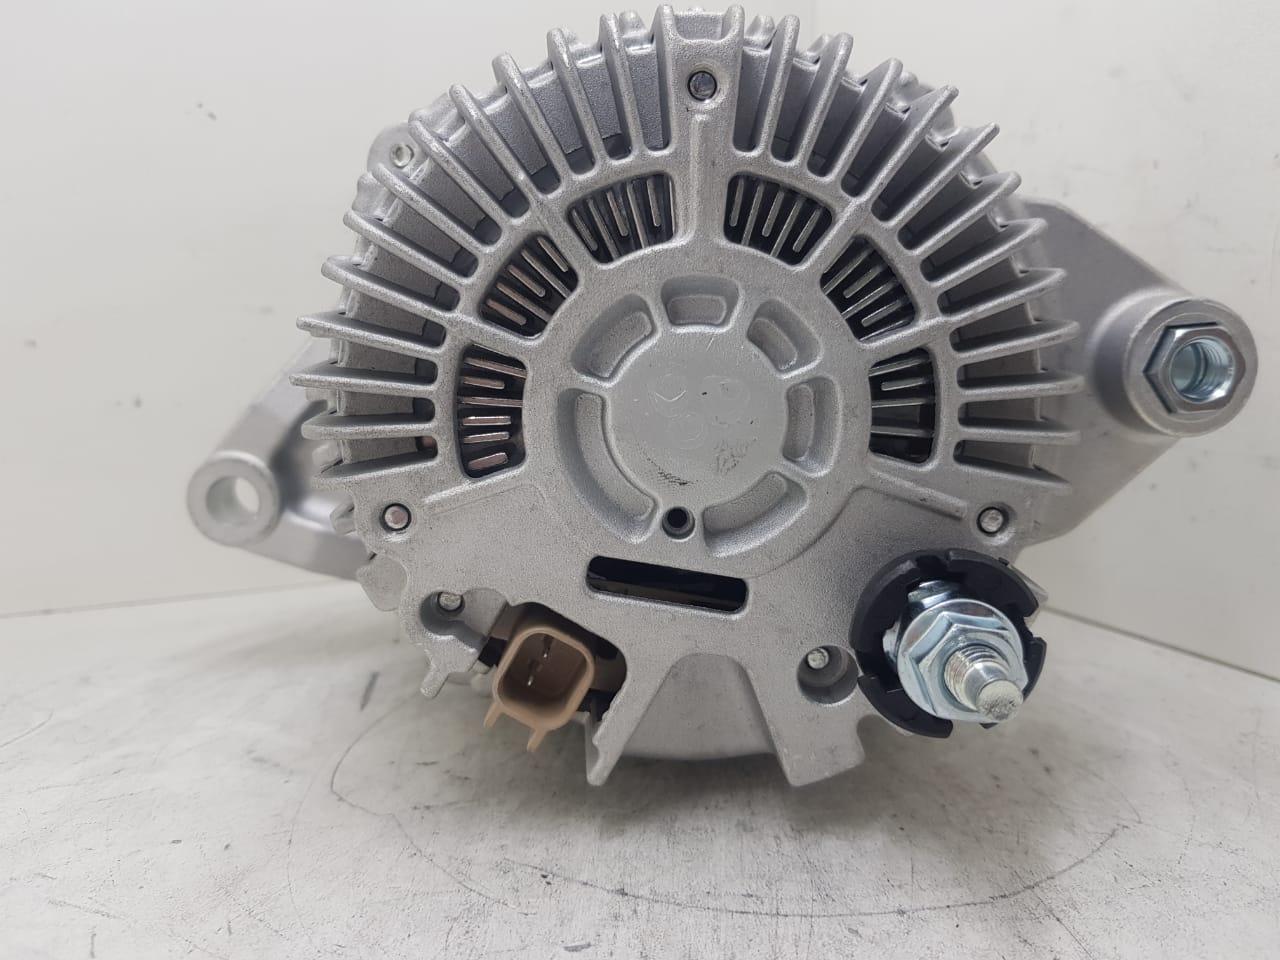 Alternador FIAT FREEMONT 2.4 DODGE JOURNEY 2.4 14V 160A COM POLIA RODA LIVRE A002TX0281 A002TX0281ZC AEC21079